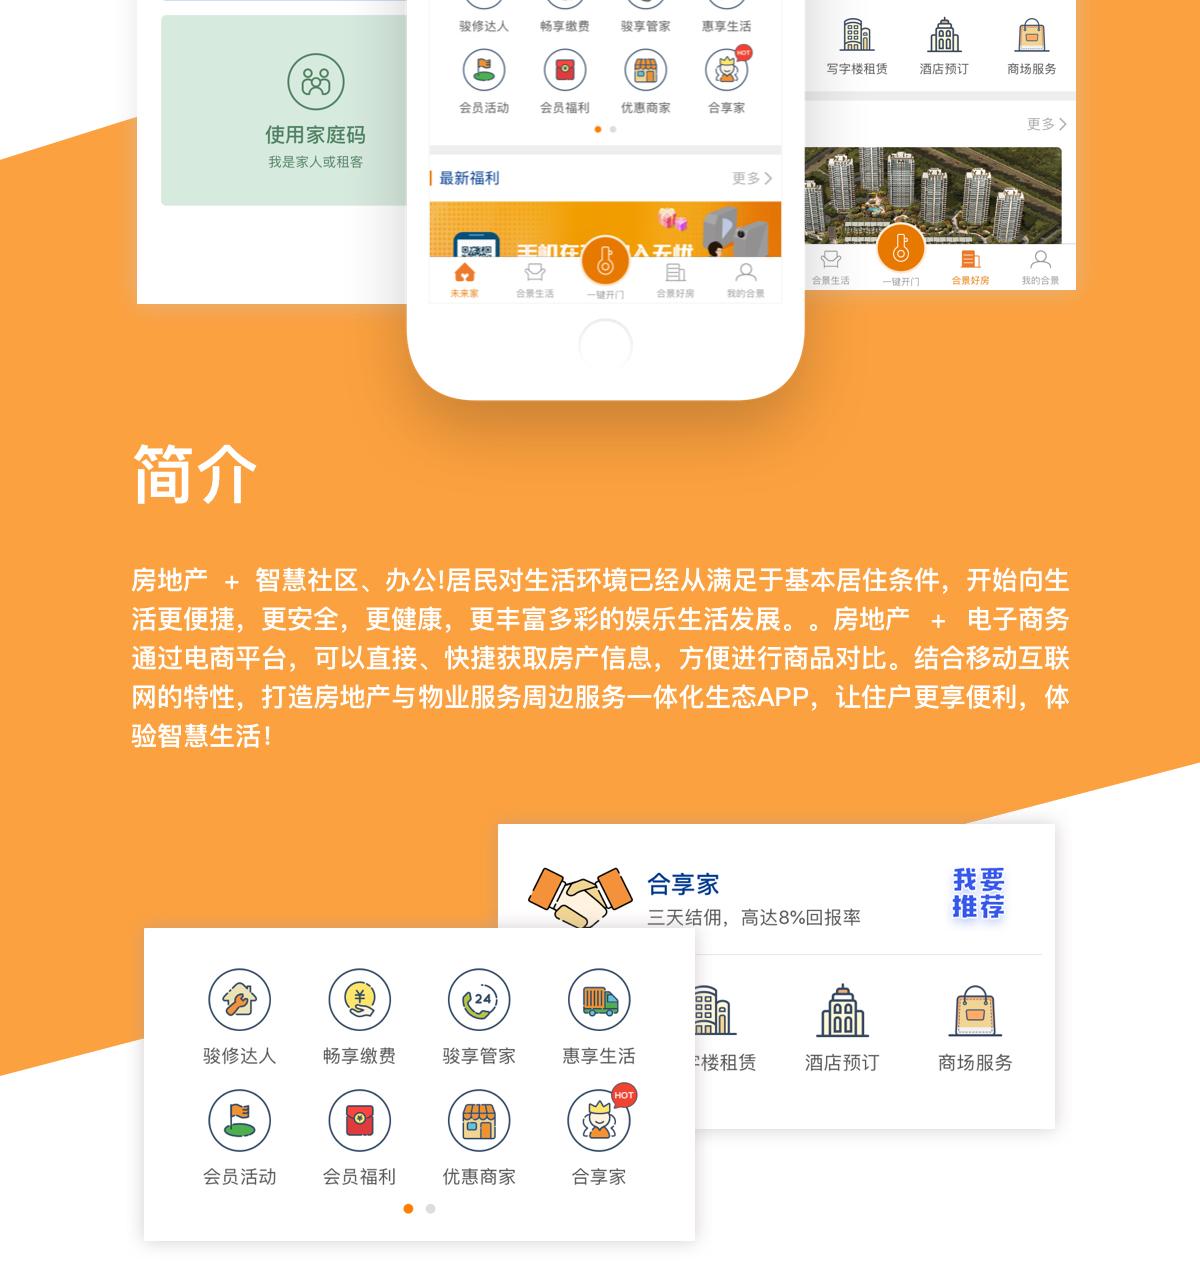 碧桂园物业管理APP解决方案-1080_02.png